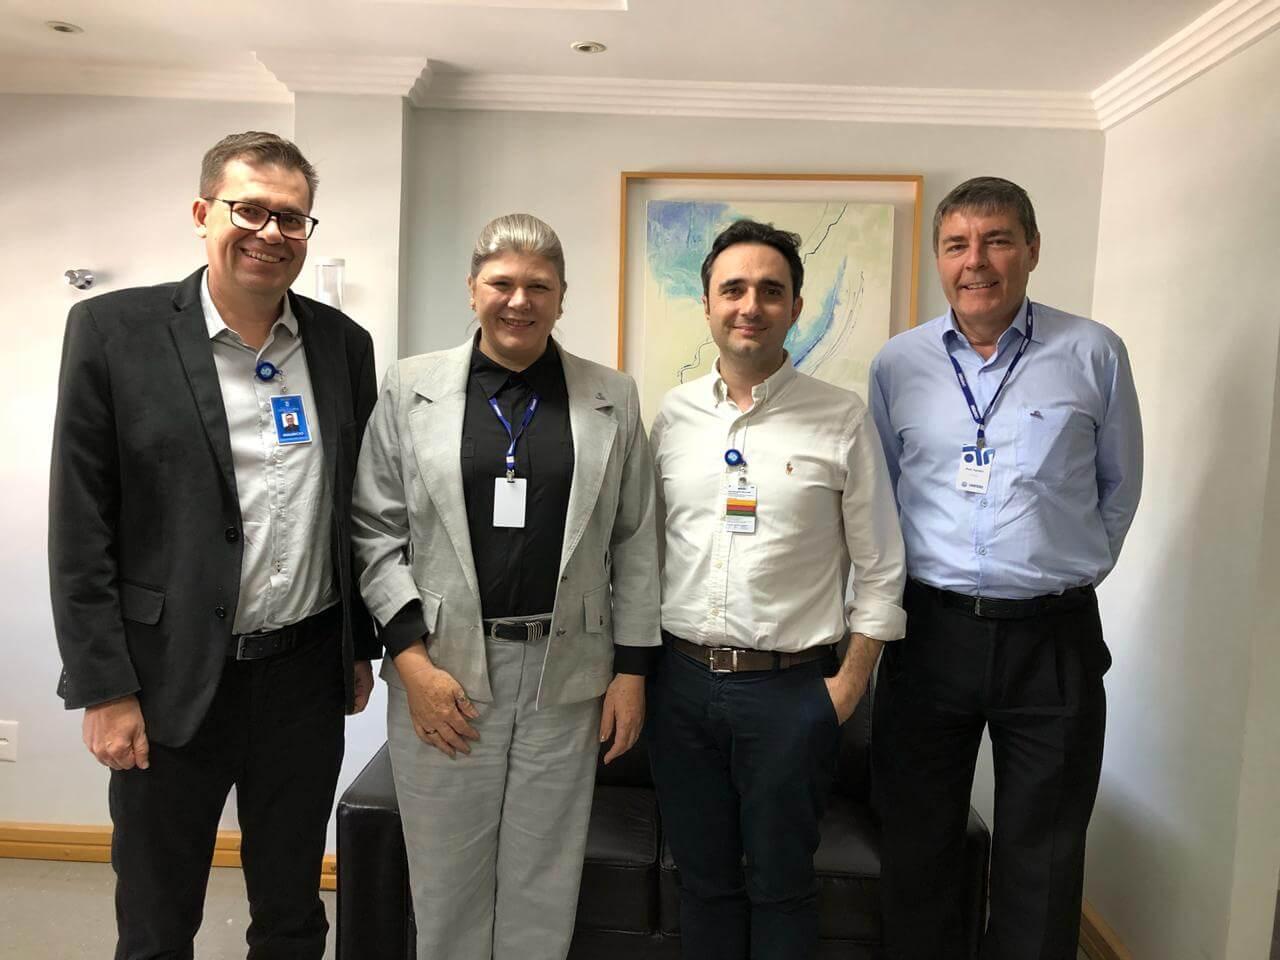 UNIFEBE oferta cursos de Pós-Graduação em Saúde em parceria com o Hospital Santa Catarina